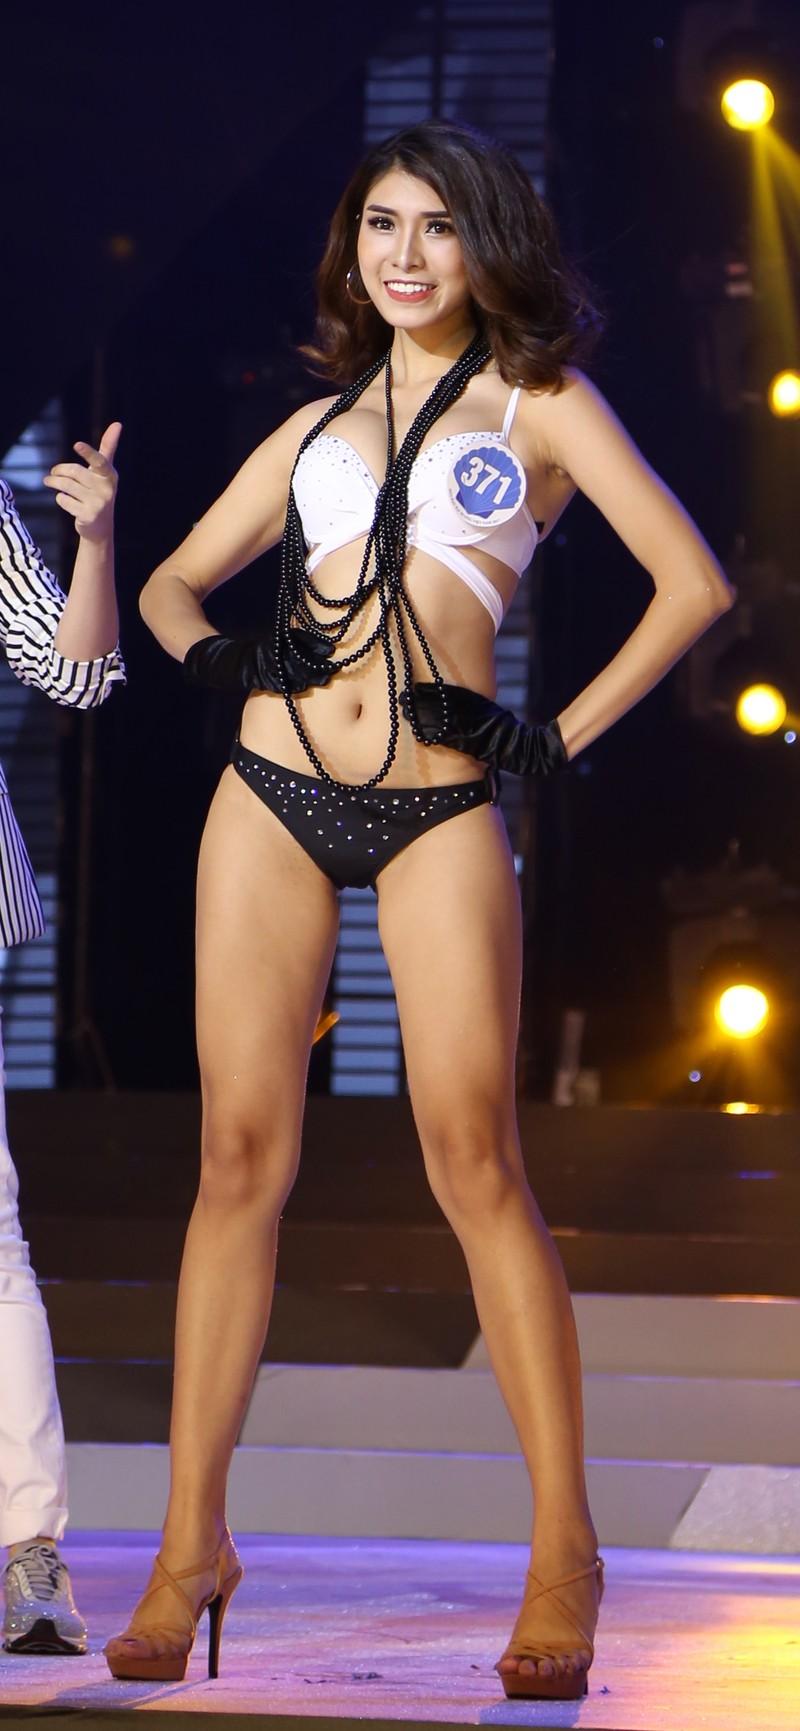 Người đẹp diện bikini ở chung kết Hoa hậu Đại dương - ảnh 9